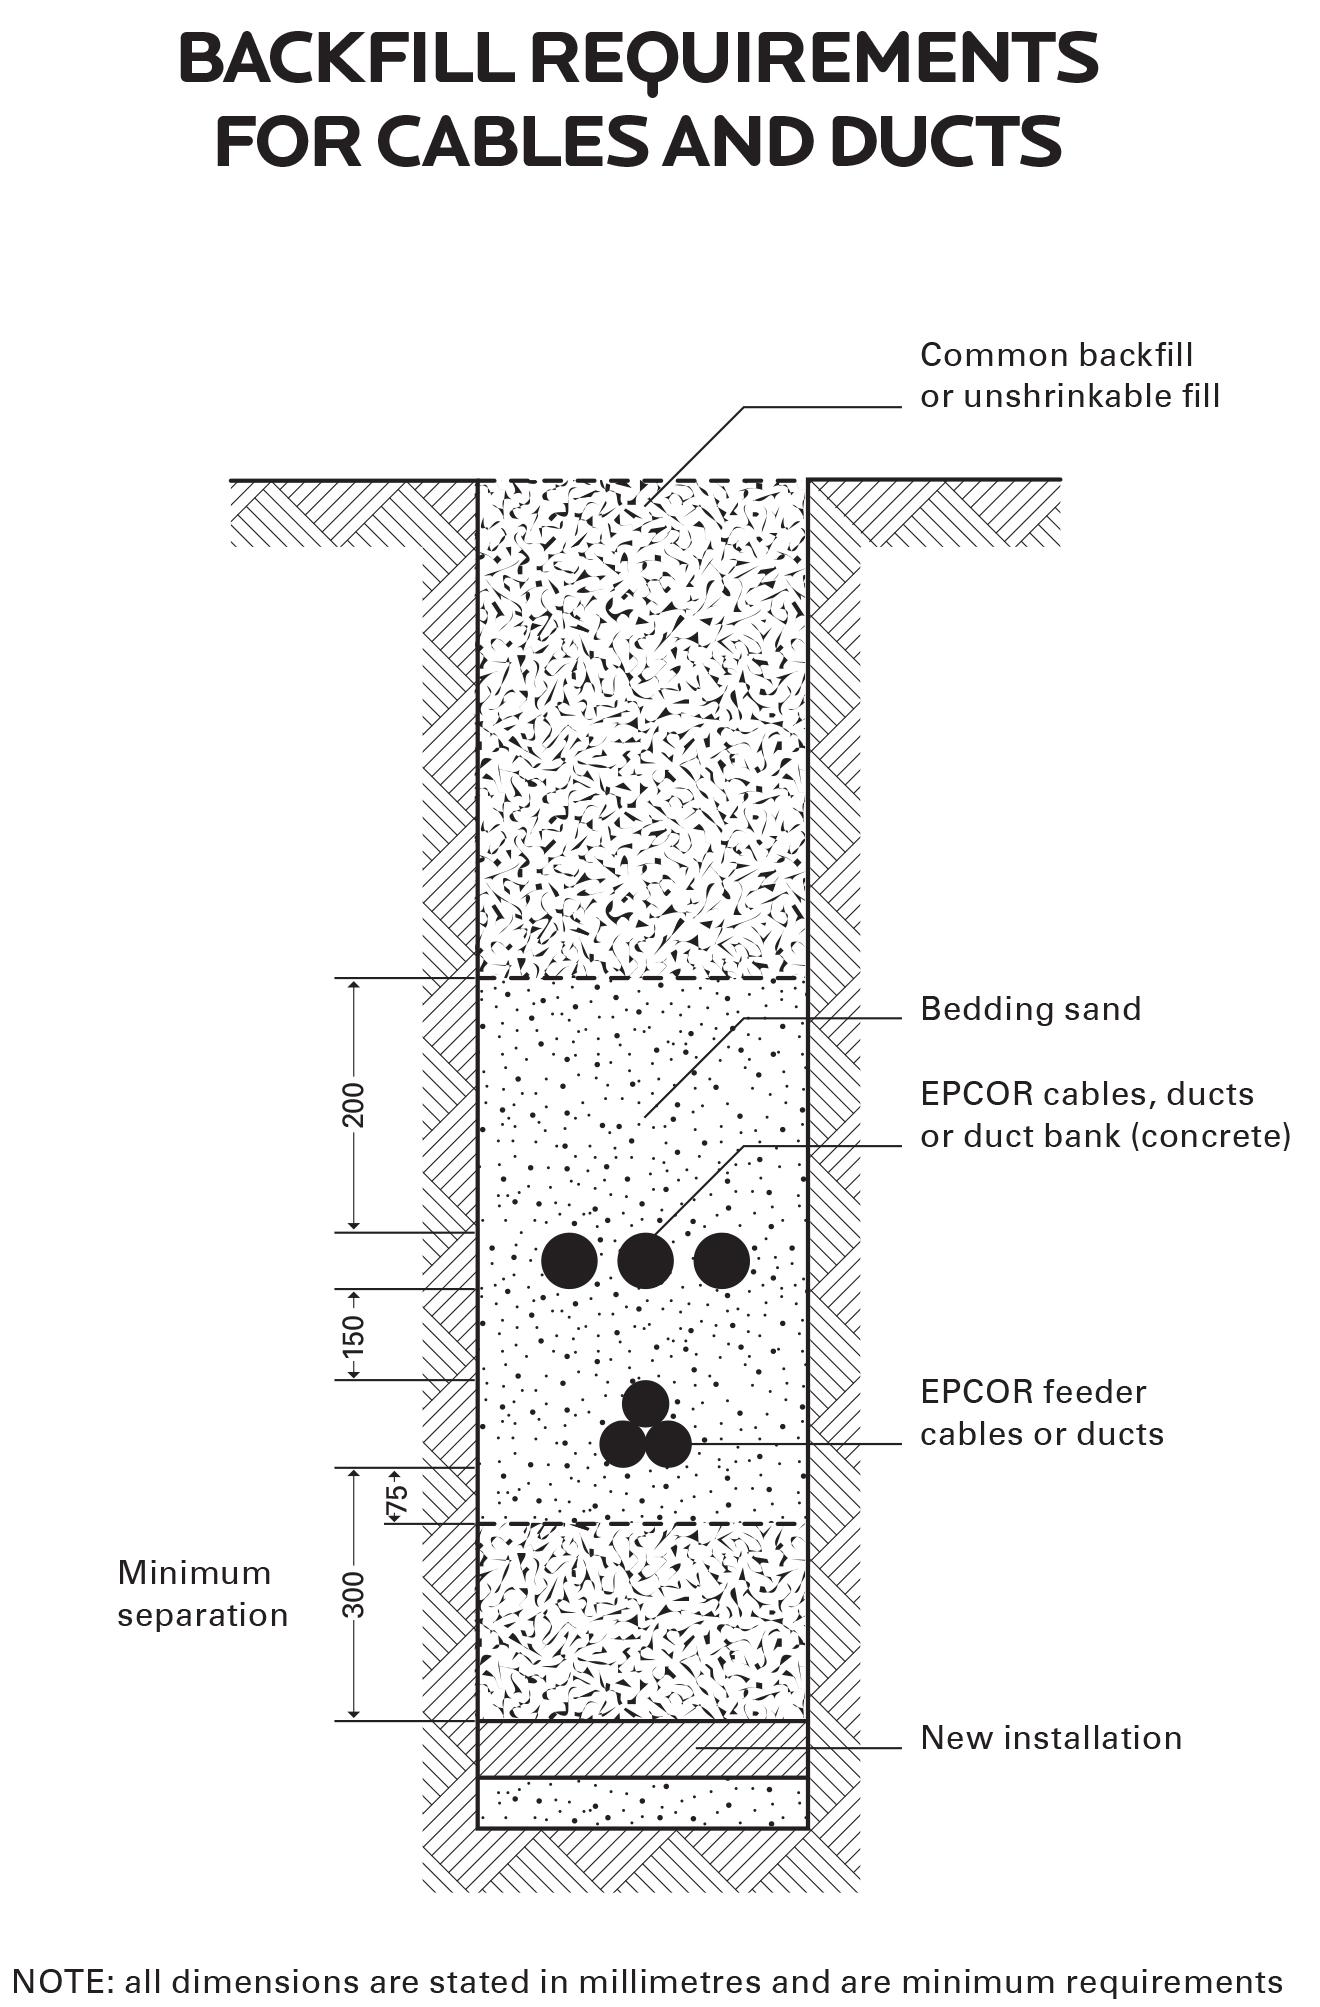 60 amp service diagram